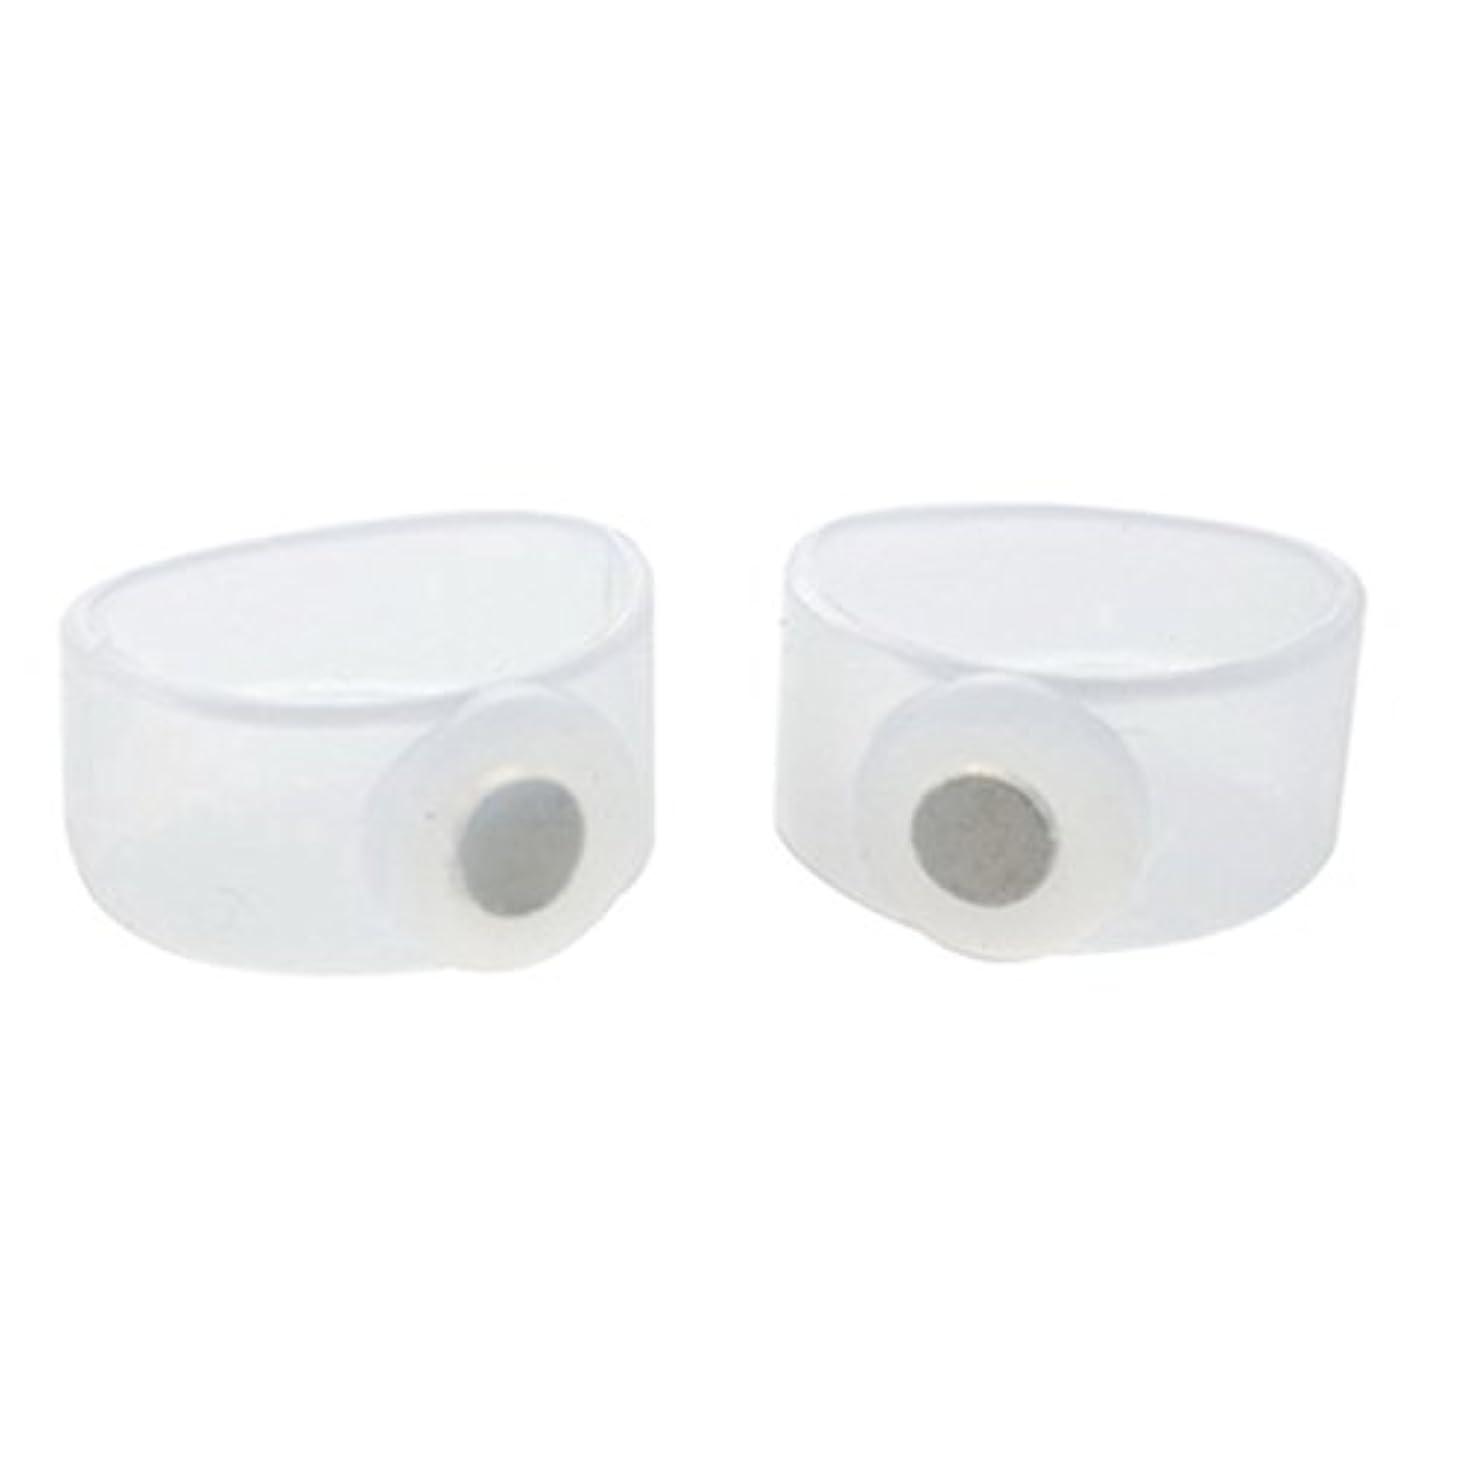 ペインティングスペシャリストビデオ2ピース痩身シリコン磁気フットマッサージャーマッサージリラックスつま先リング用減量ヘルスケアツール美容製品 - 透明